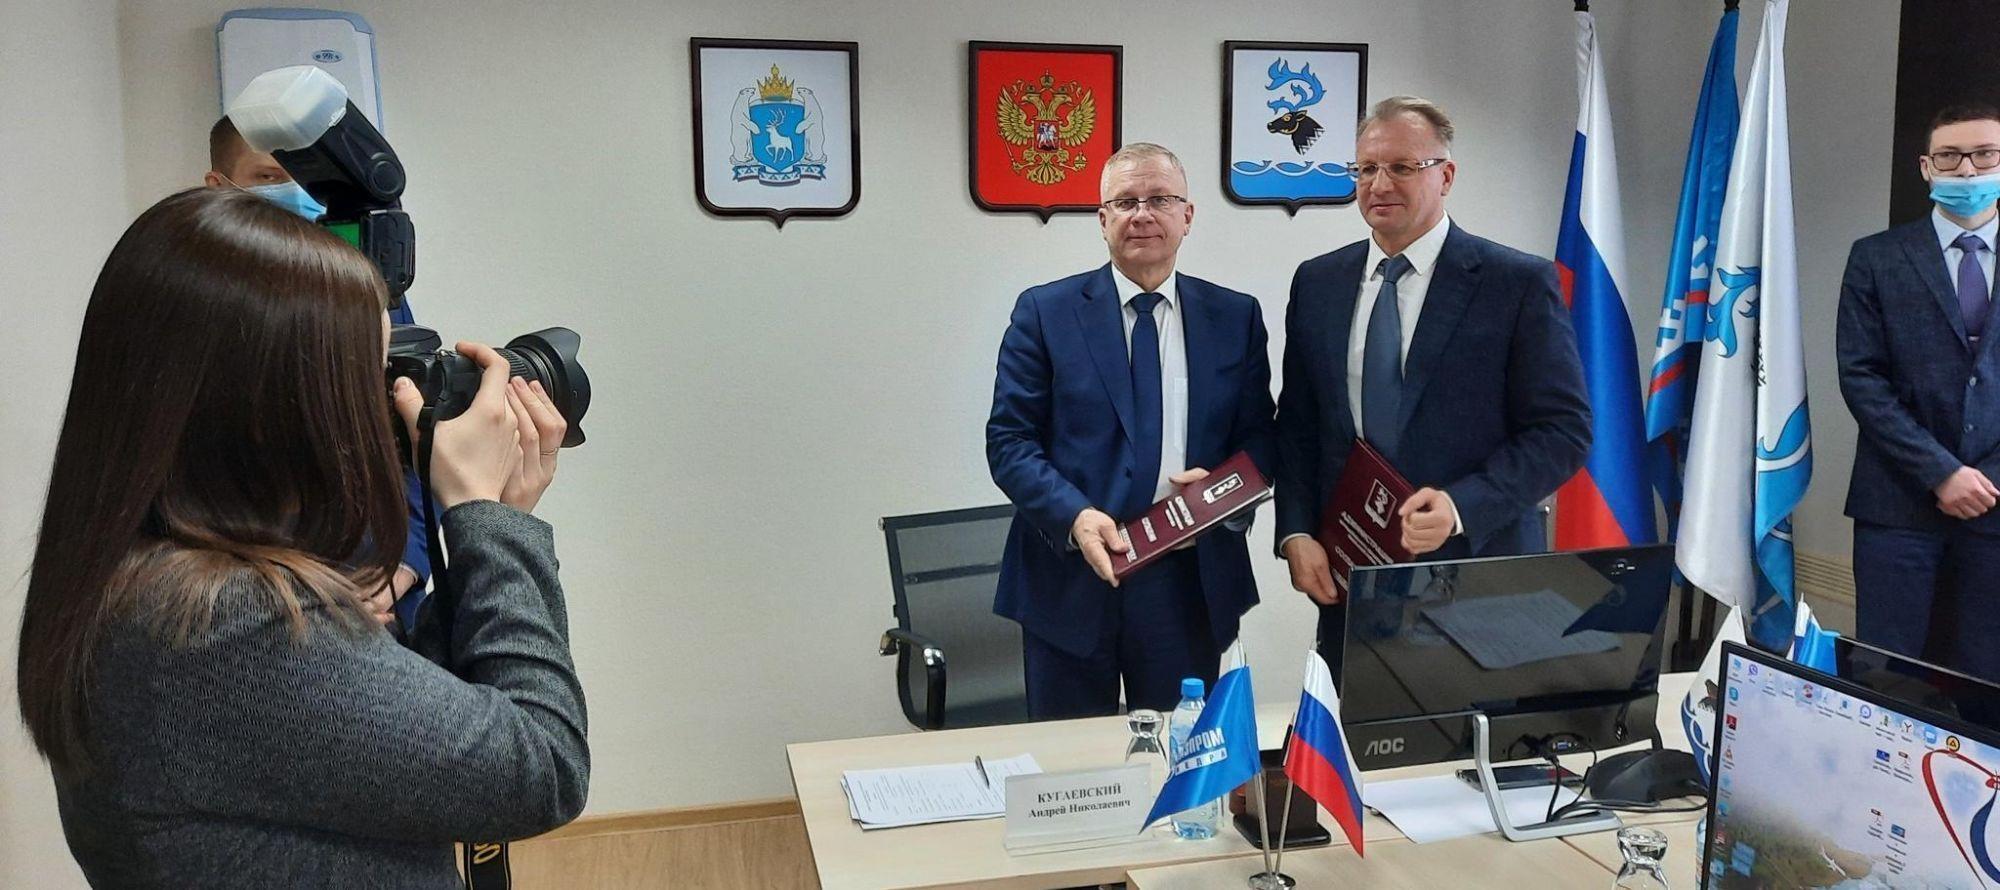 «Газпром недра» и Ямальский район подписали дополнительное соглашение о сотрудничестве